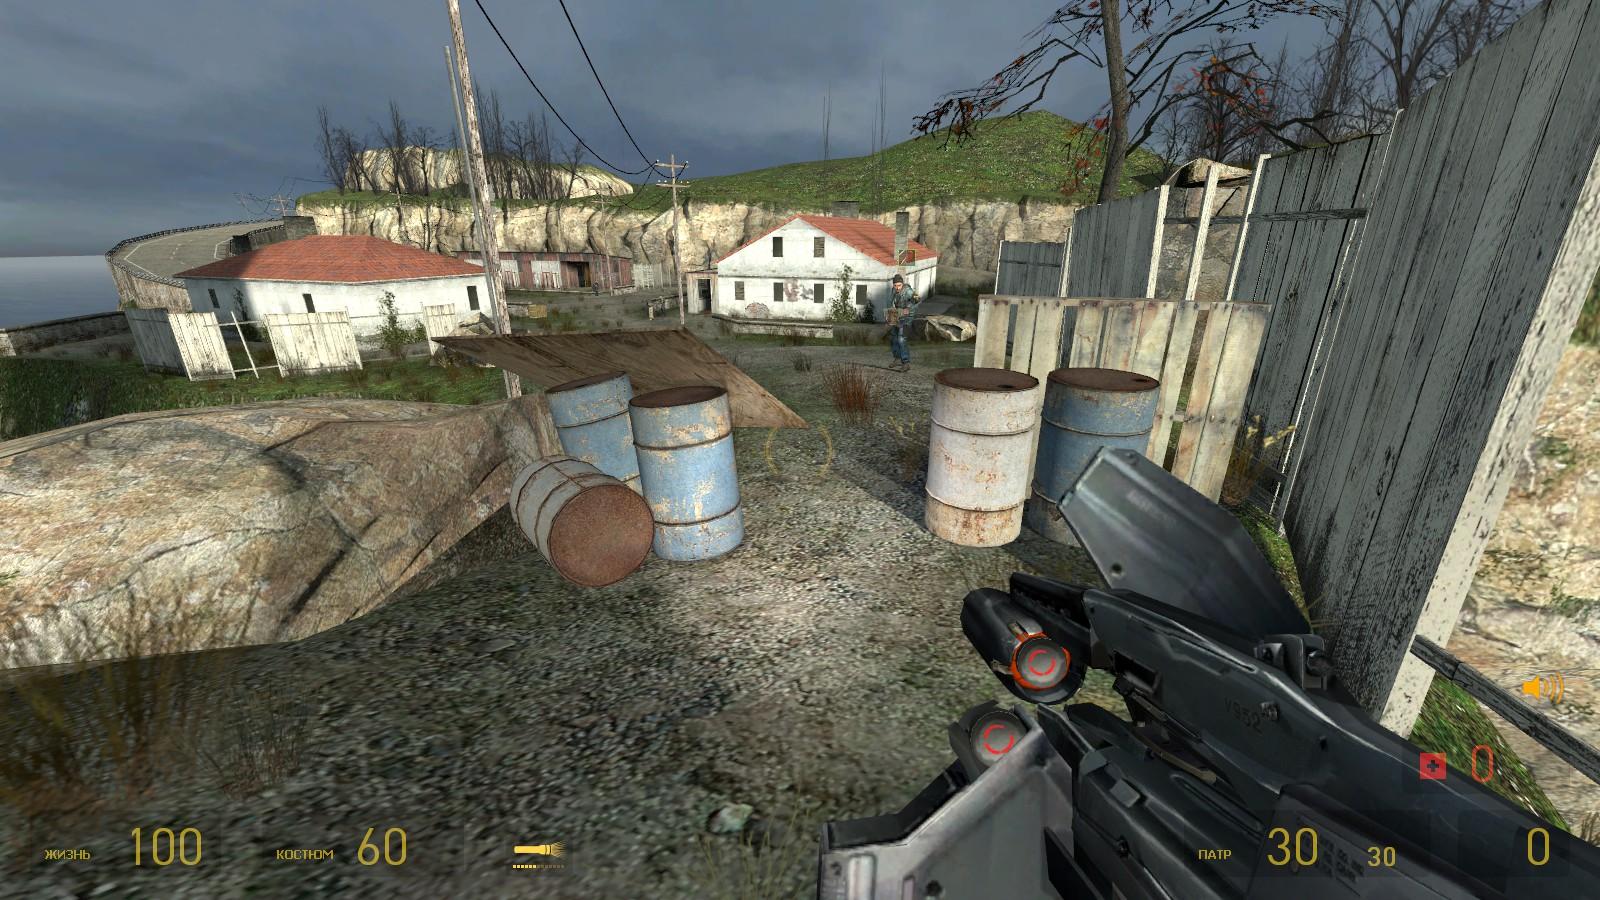 Организовываем баррикаду, тактика, стратегия. - Half-Life 2 Synergy, продержались за баррикадой 30 секунд